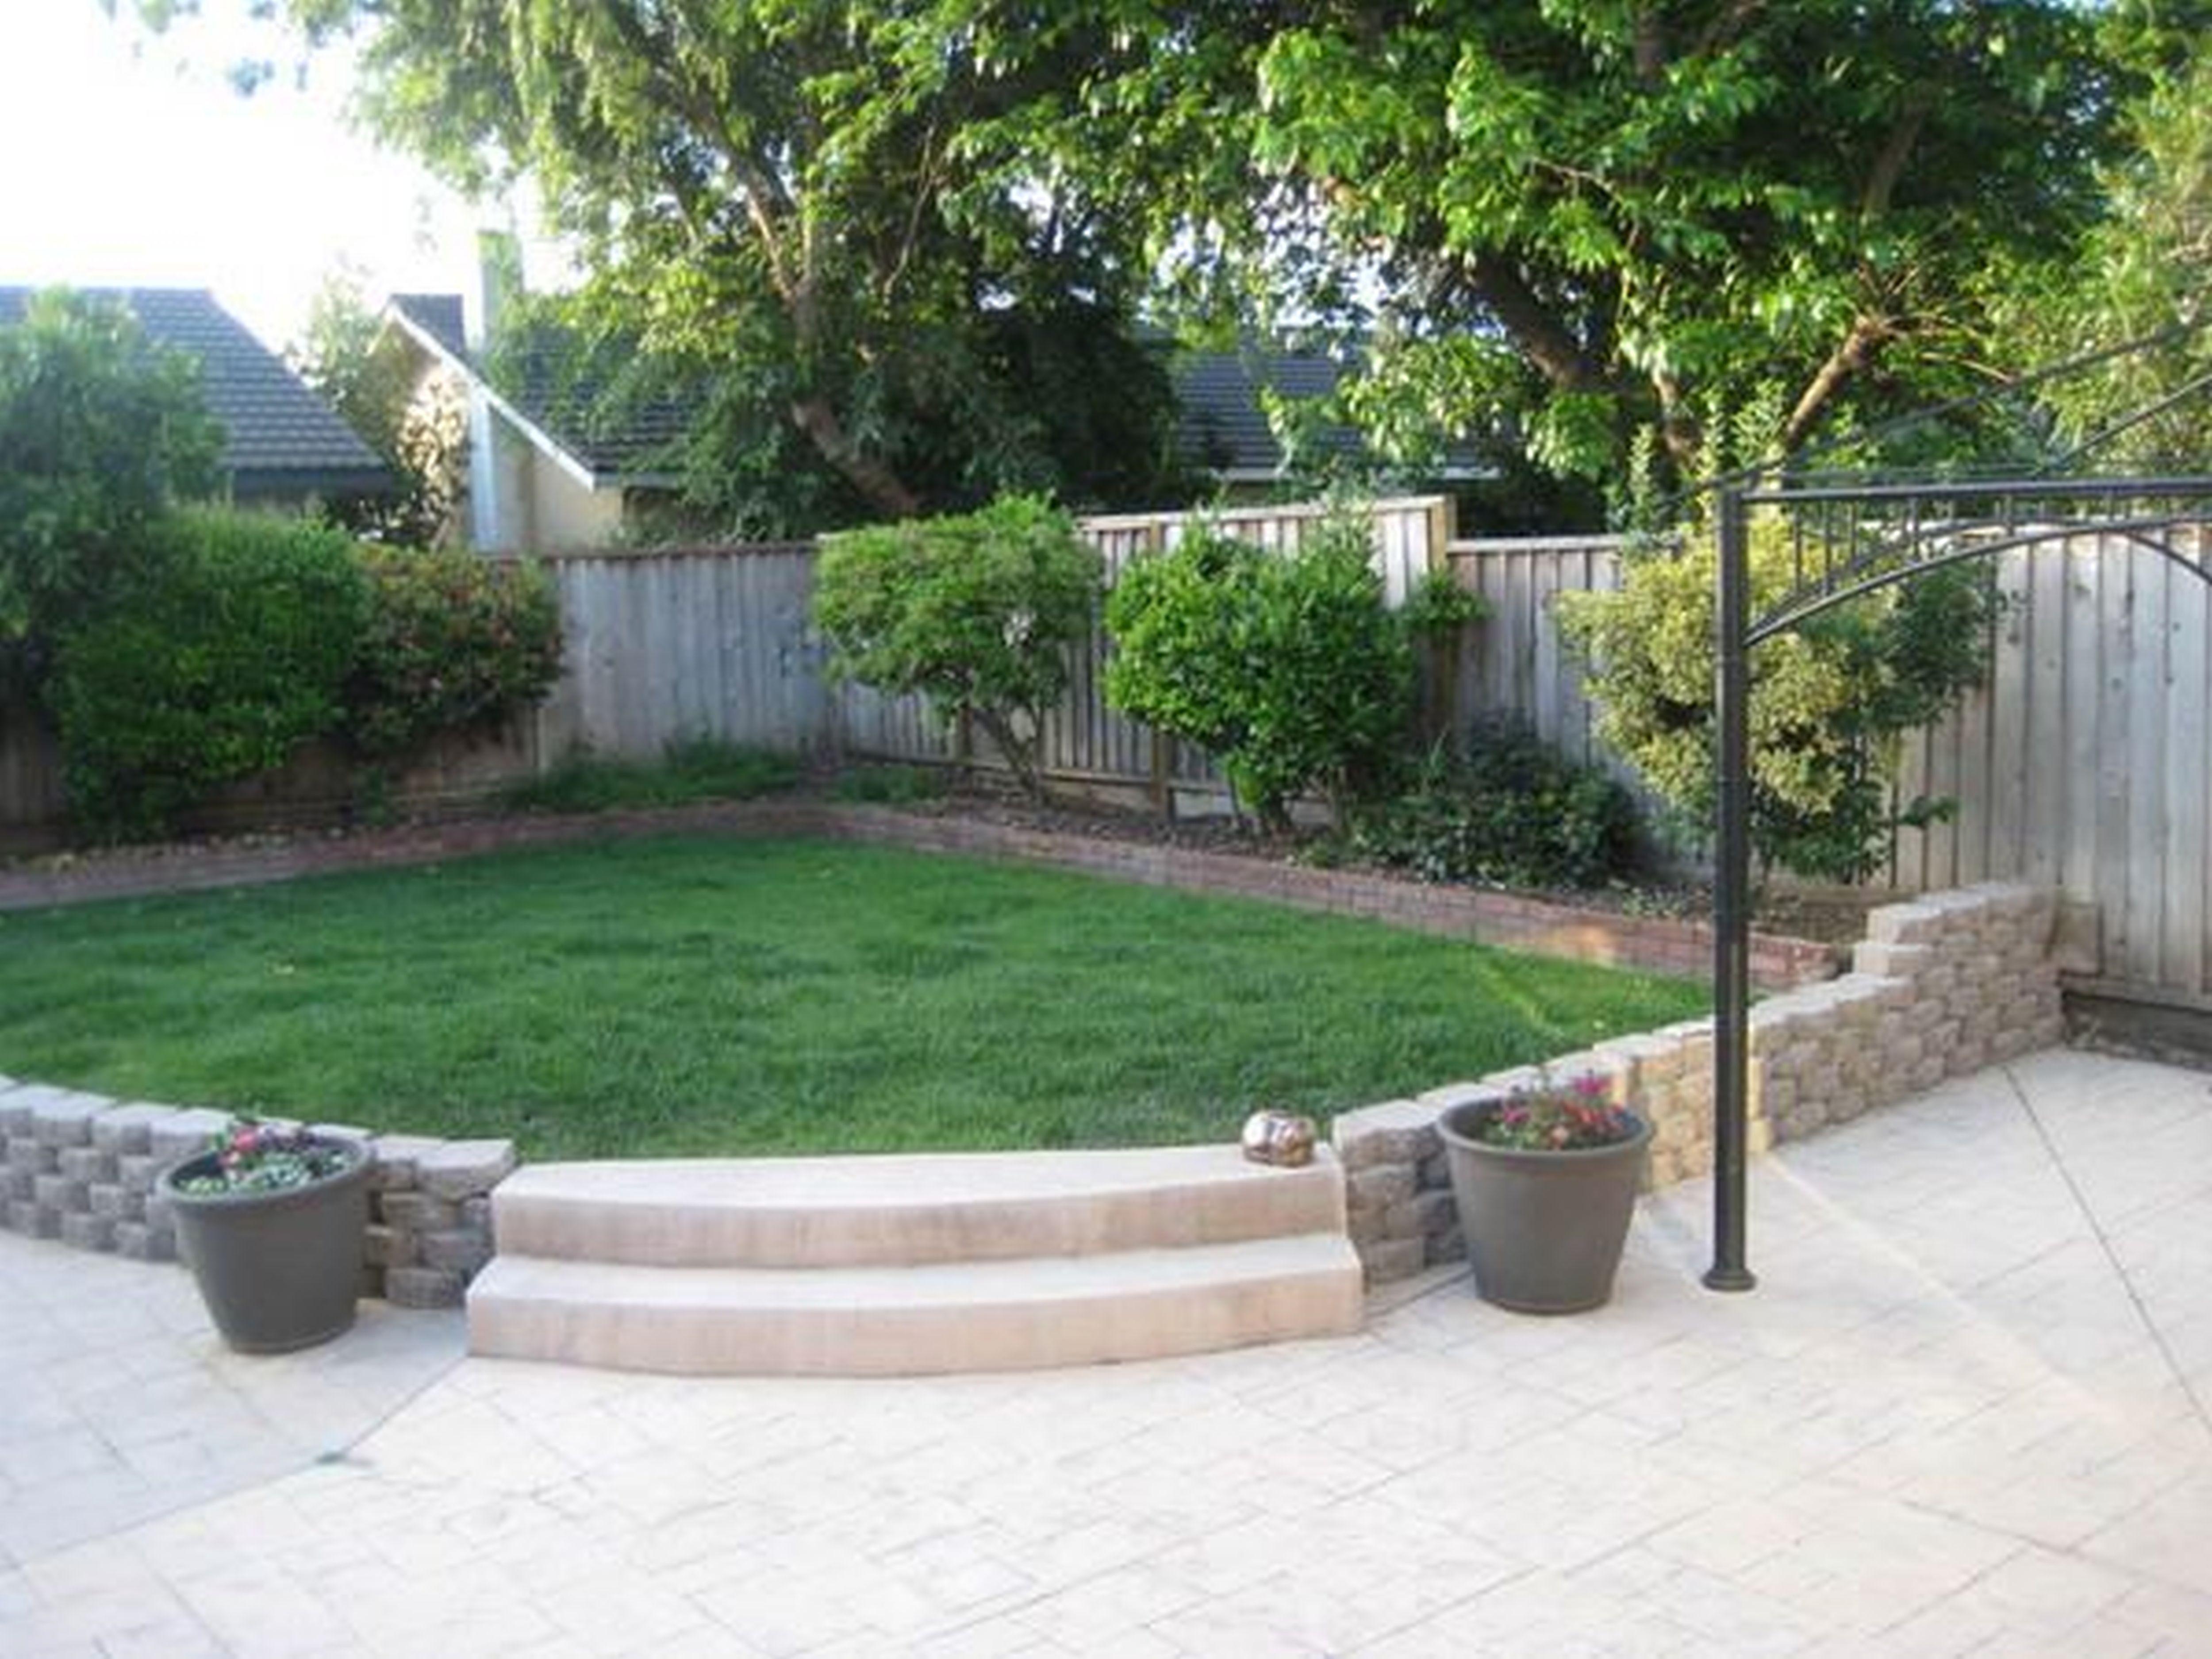 garden design ideas for small backyards photo - 10